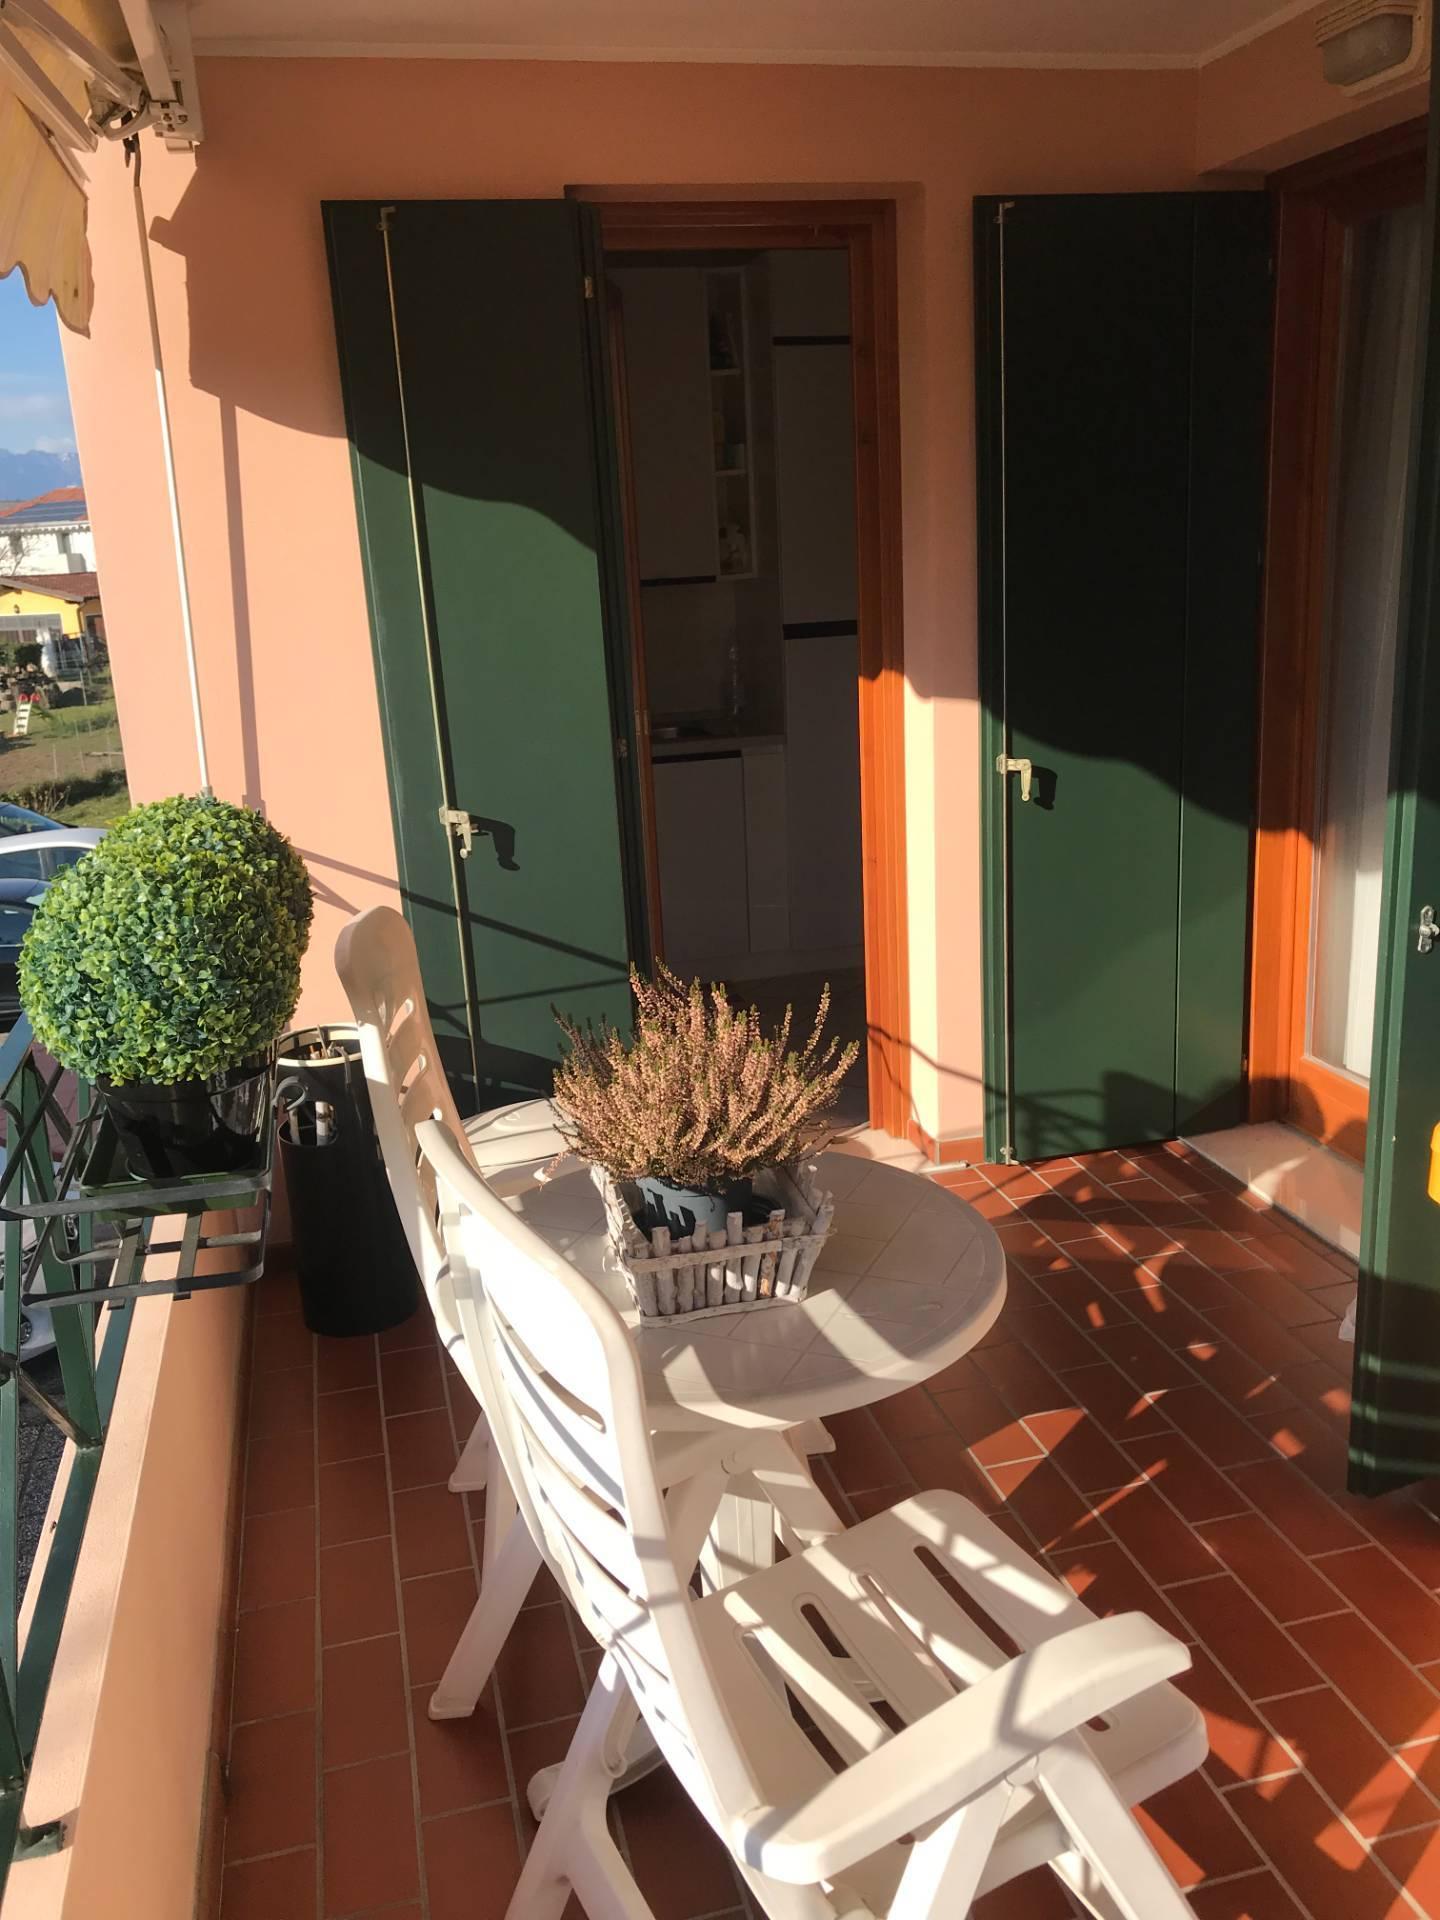 Appartamento in vendita a Cordenons, 3 locali, prezzo € 80.000   CambioCasa.it